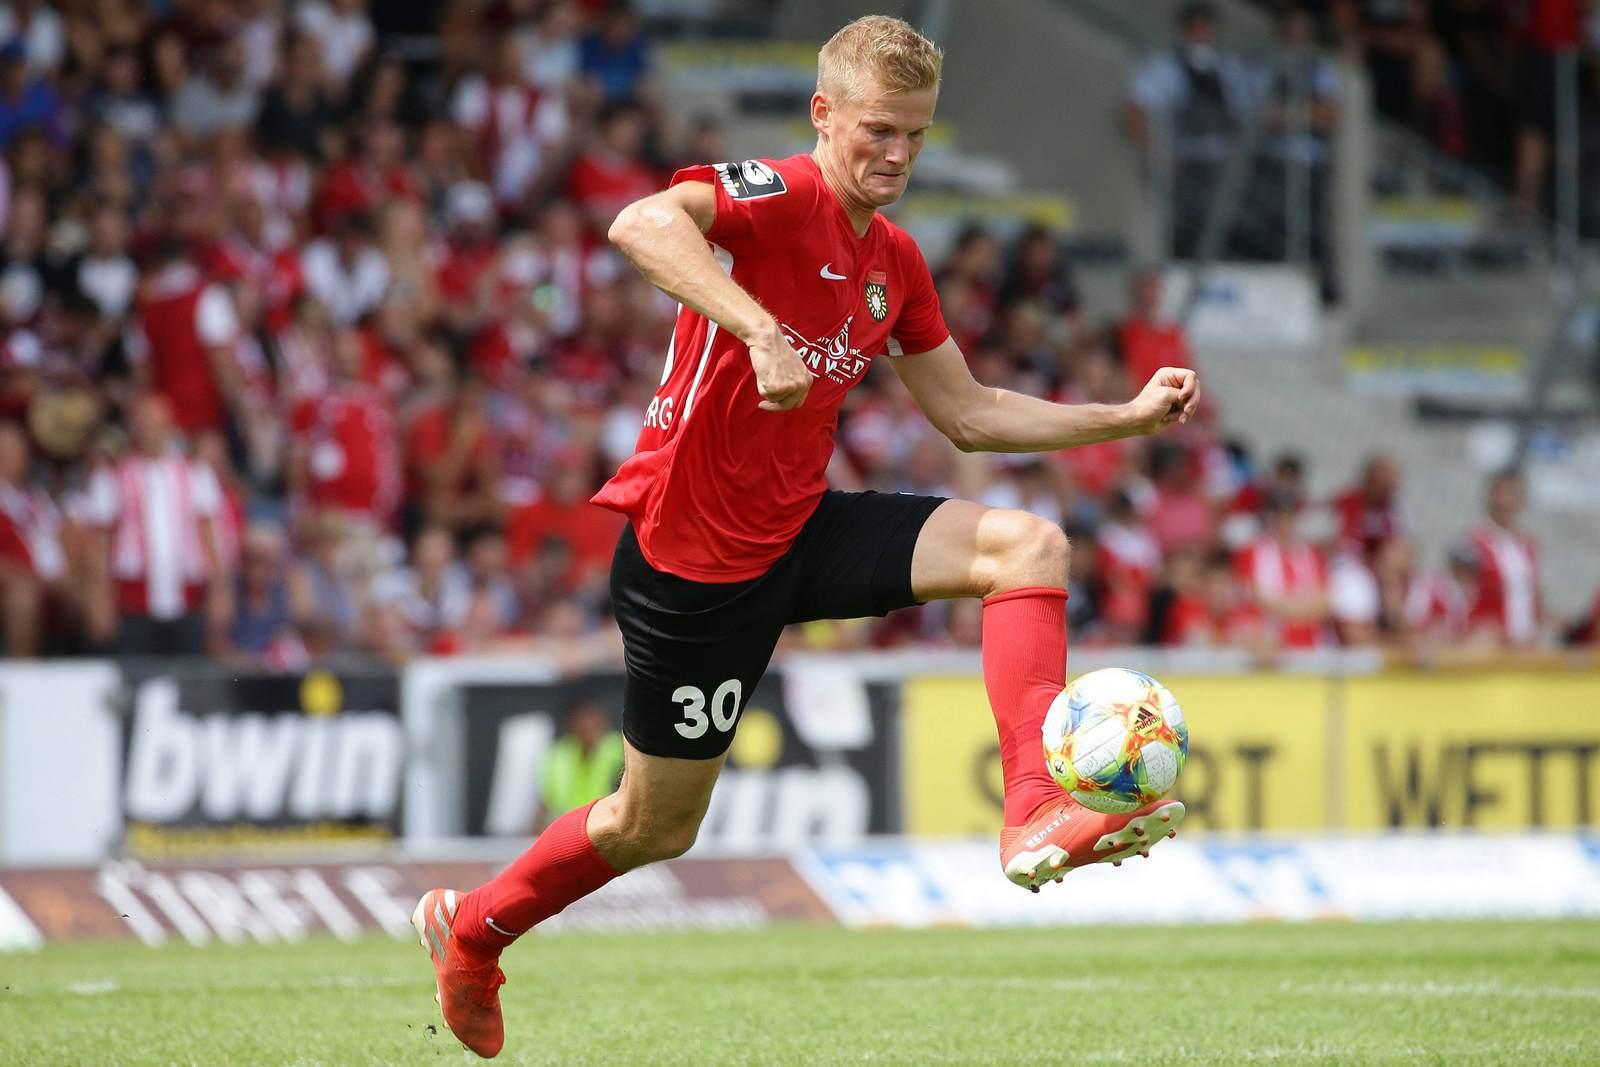 Dan-Patrick Poggenberg am Ball für die SG Sonnenhof Großaspach